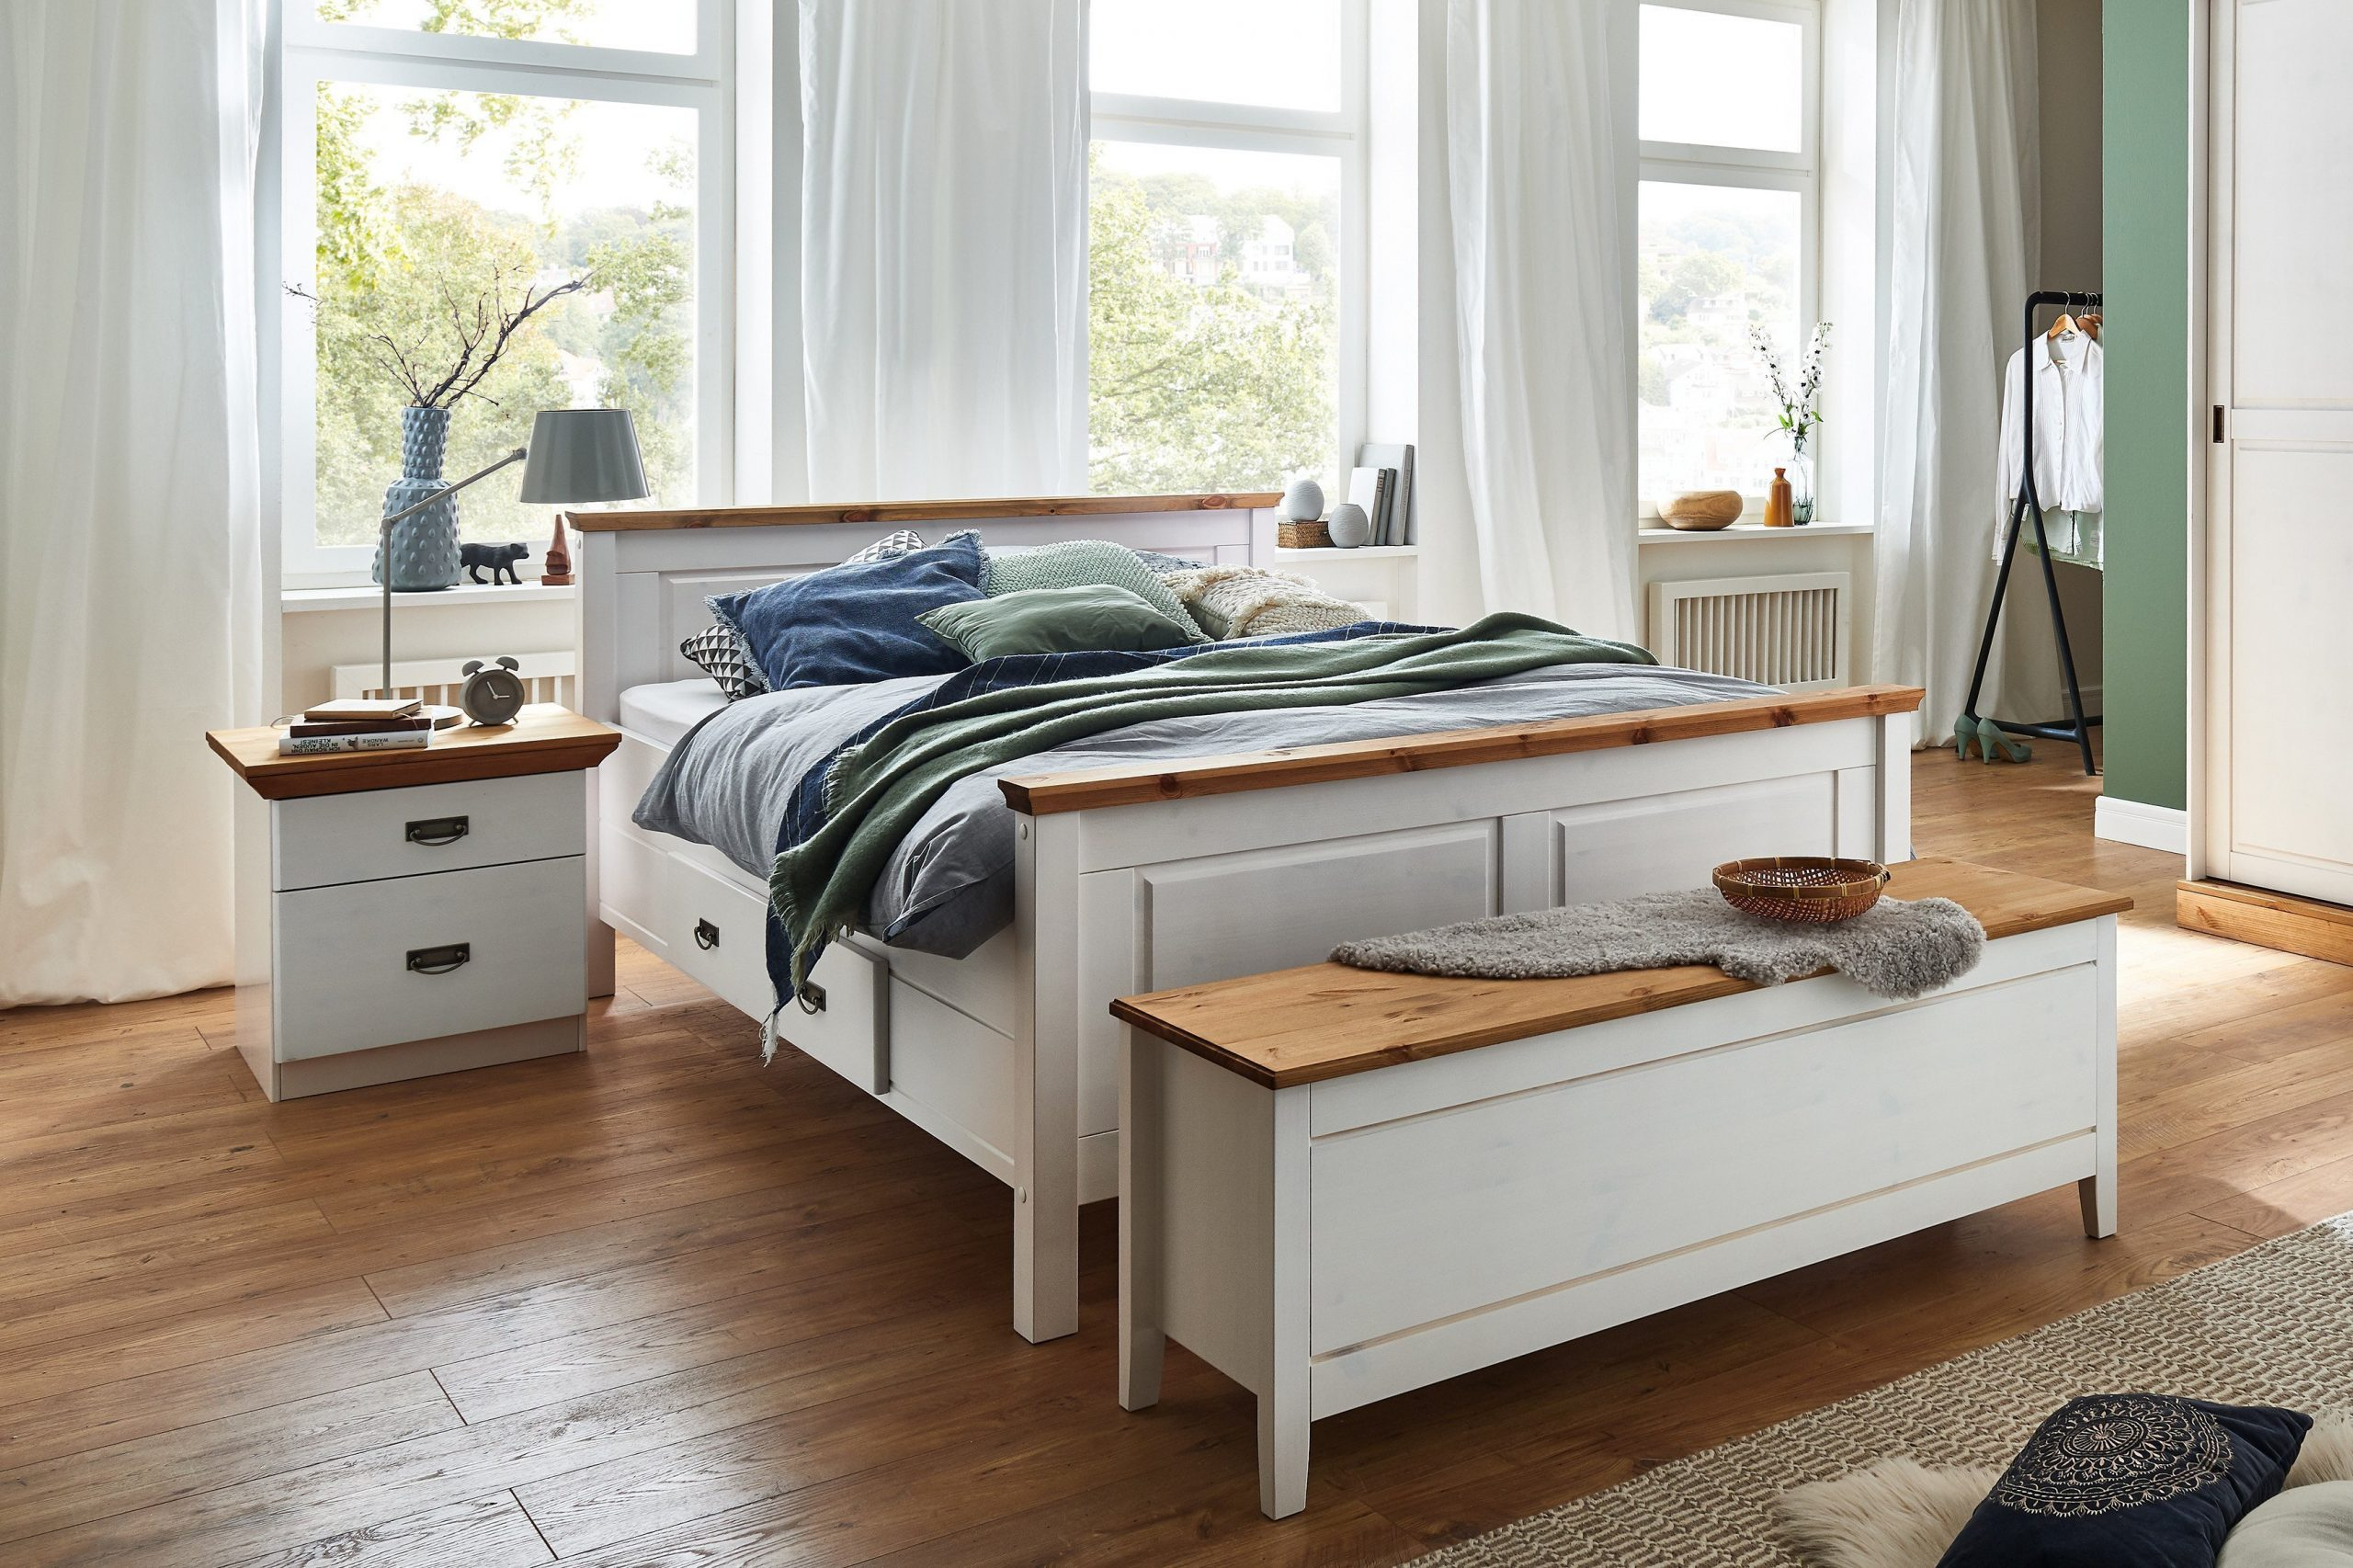 Full Size of Weiße Betten Bett 90x200 140x200 Landhausstil überlänge Niedrig Mit Beleuchtung Stabiles Luxus Komforthöhe Barock Sofa Bettfunktion Sonoma Eiche 180x200 Bett Bett Landhausstil